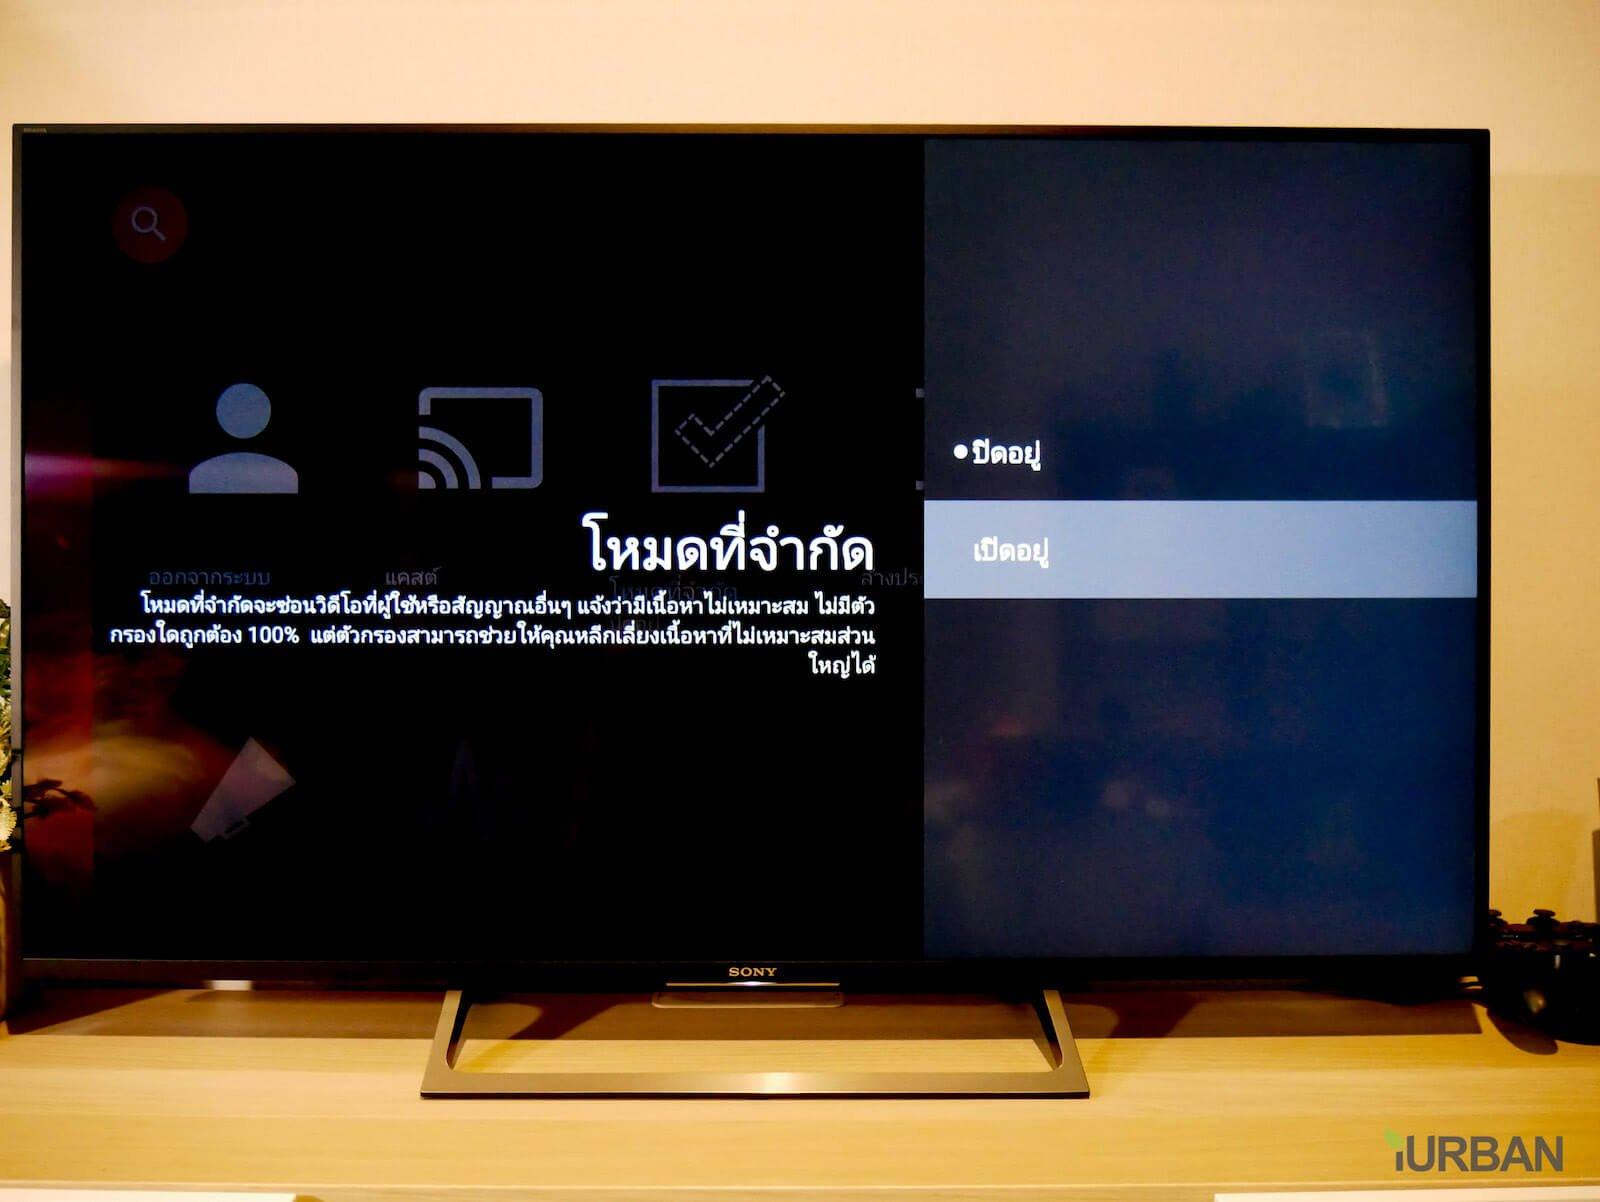 SONY X8500E 4K-HDR Android TV นวัตกรรมที่จะเปลี่ยนชีวิตกับทีวี ให้ไม่เหมือนเดิมอีกต่อไป 72 - Android